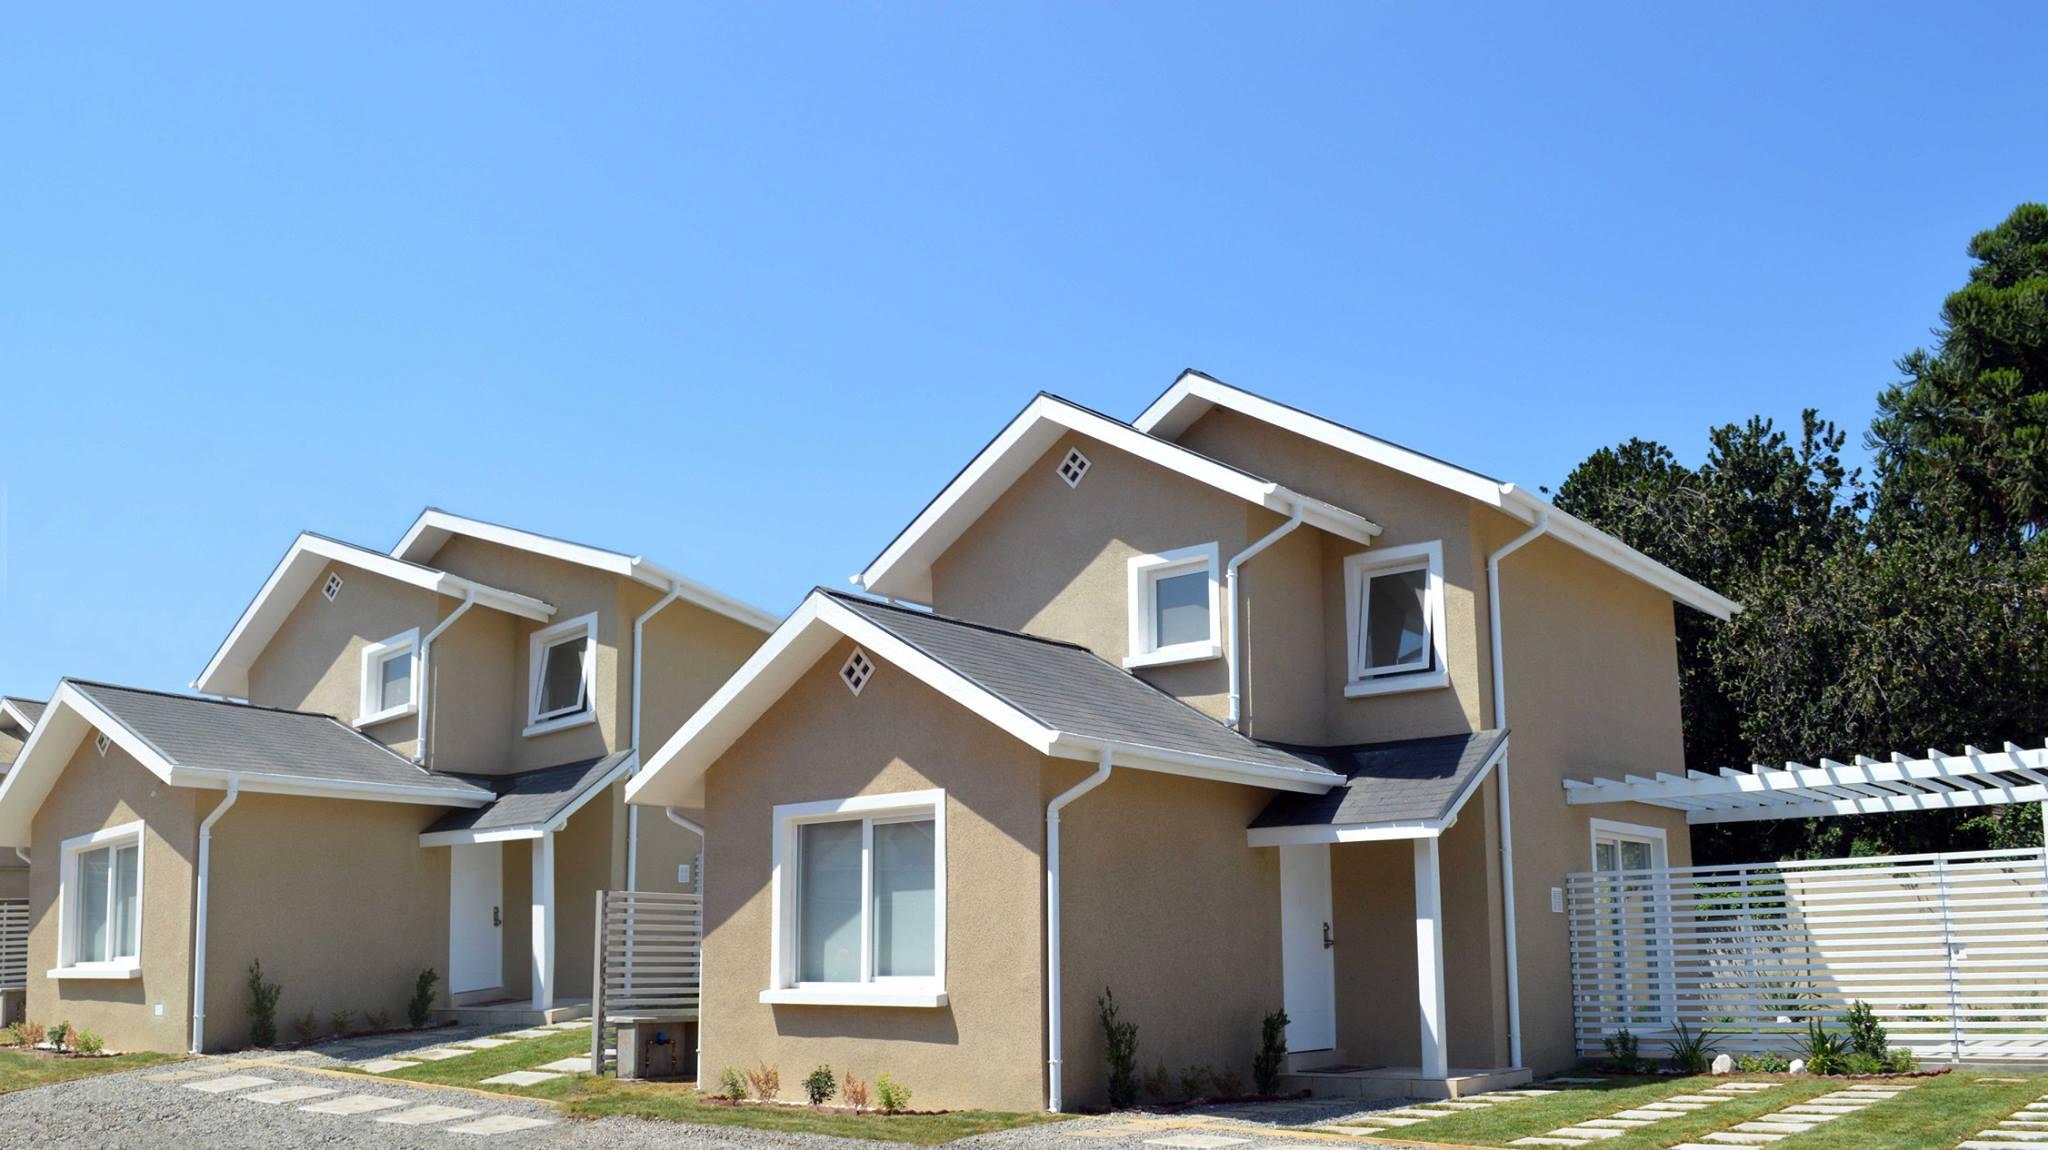 Casas en quillota la cruz inmobiliaria for Inmobiliaria la casa